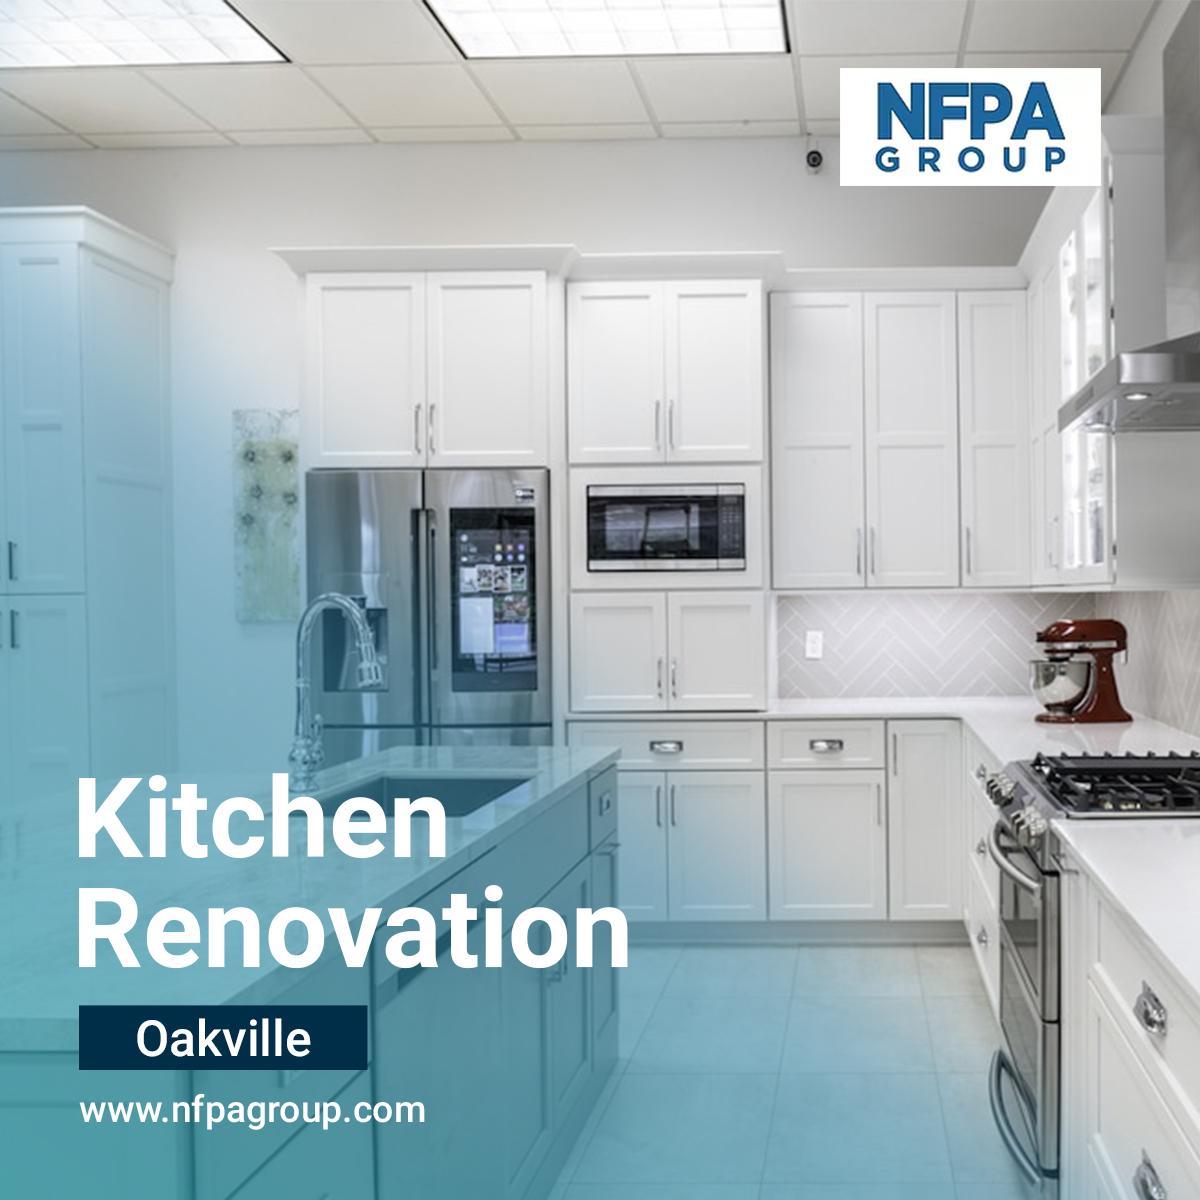 Kitchen Renovation Oakville